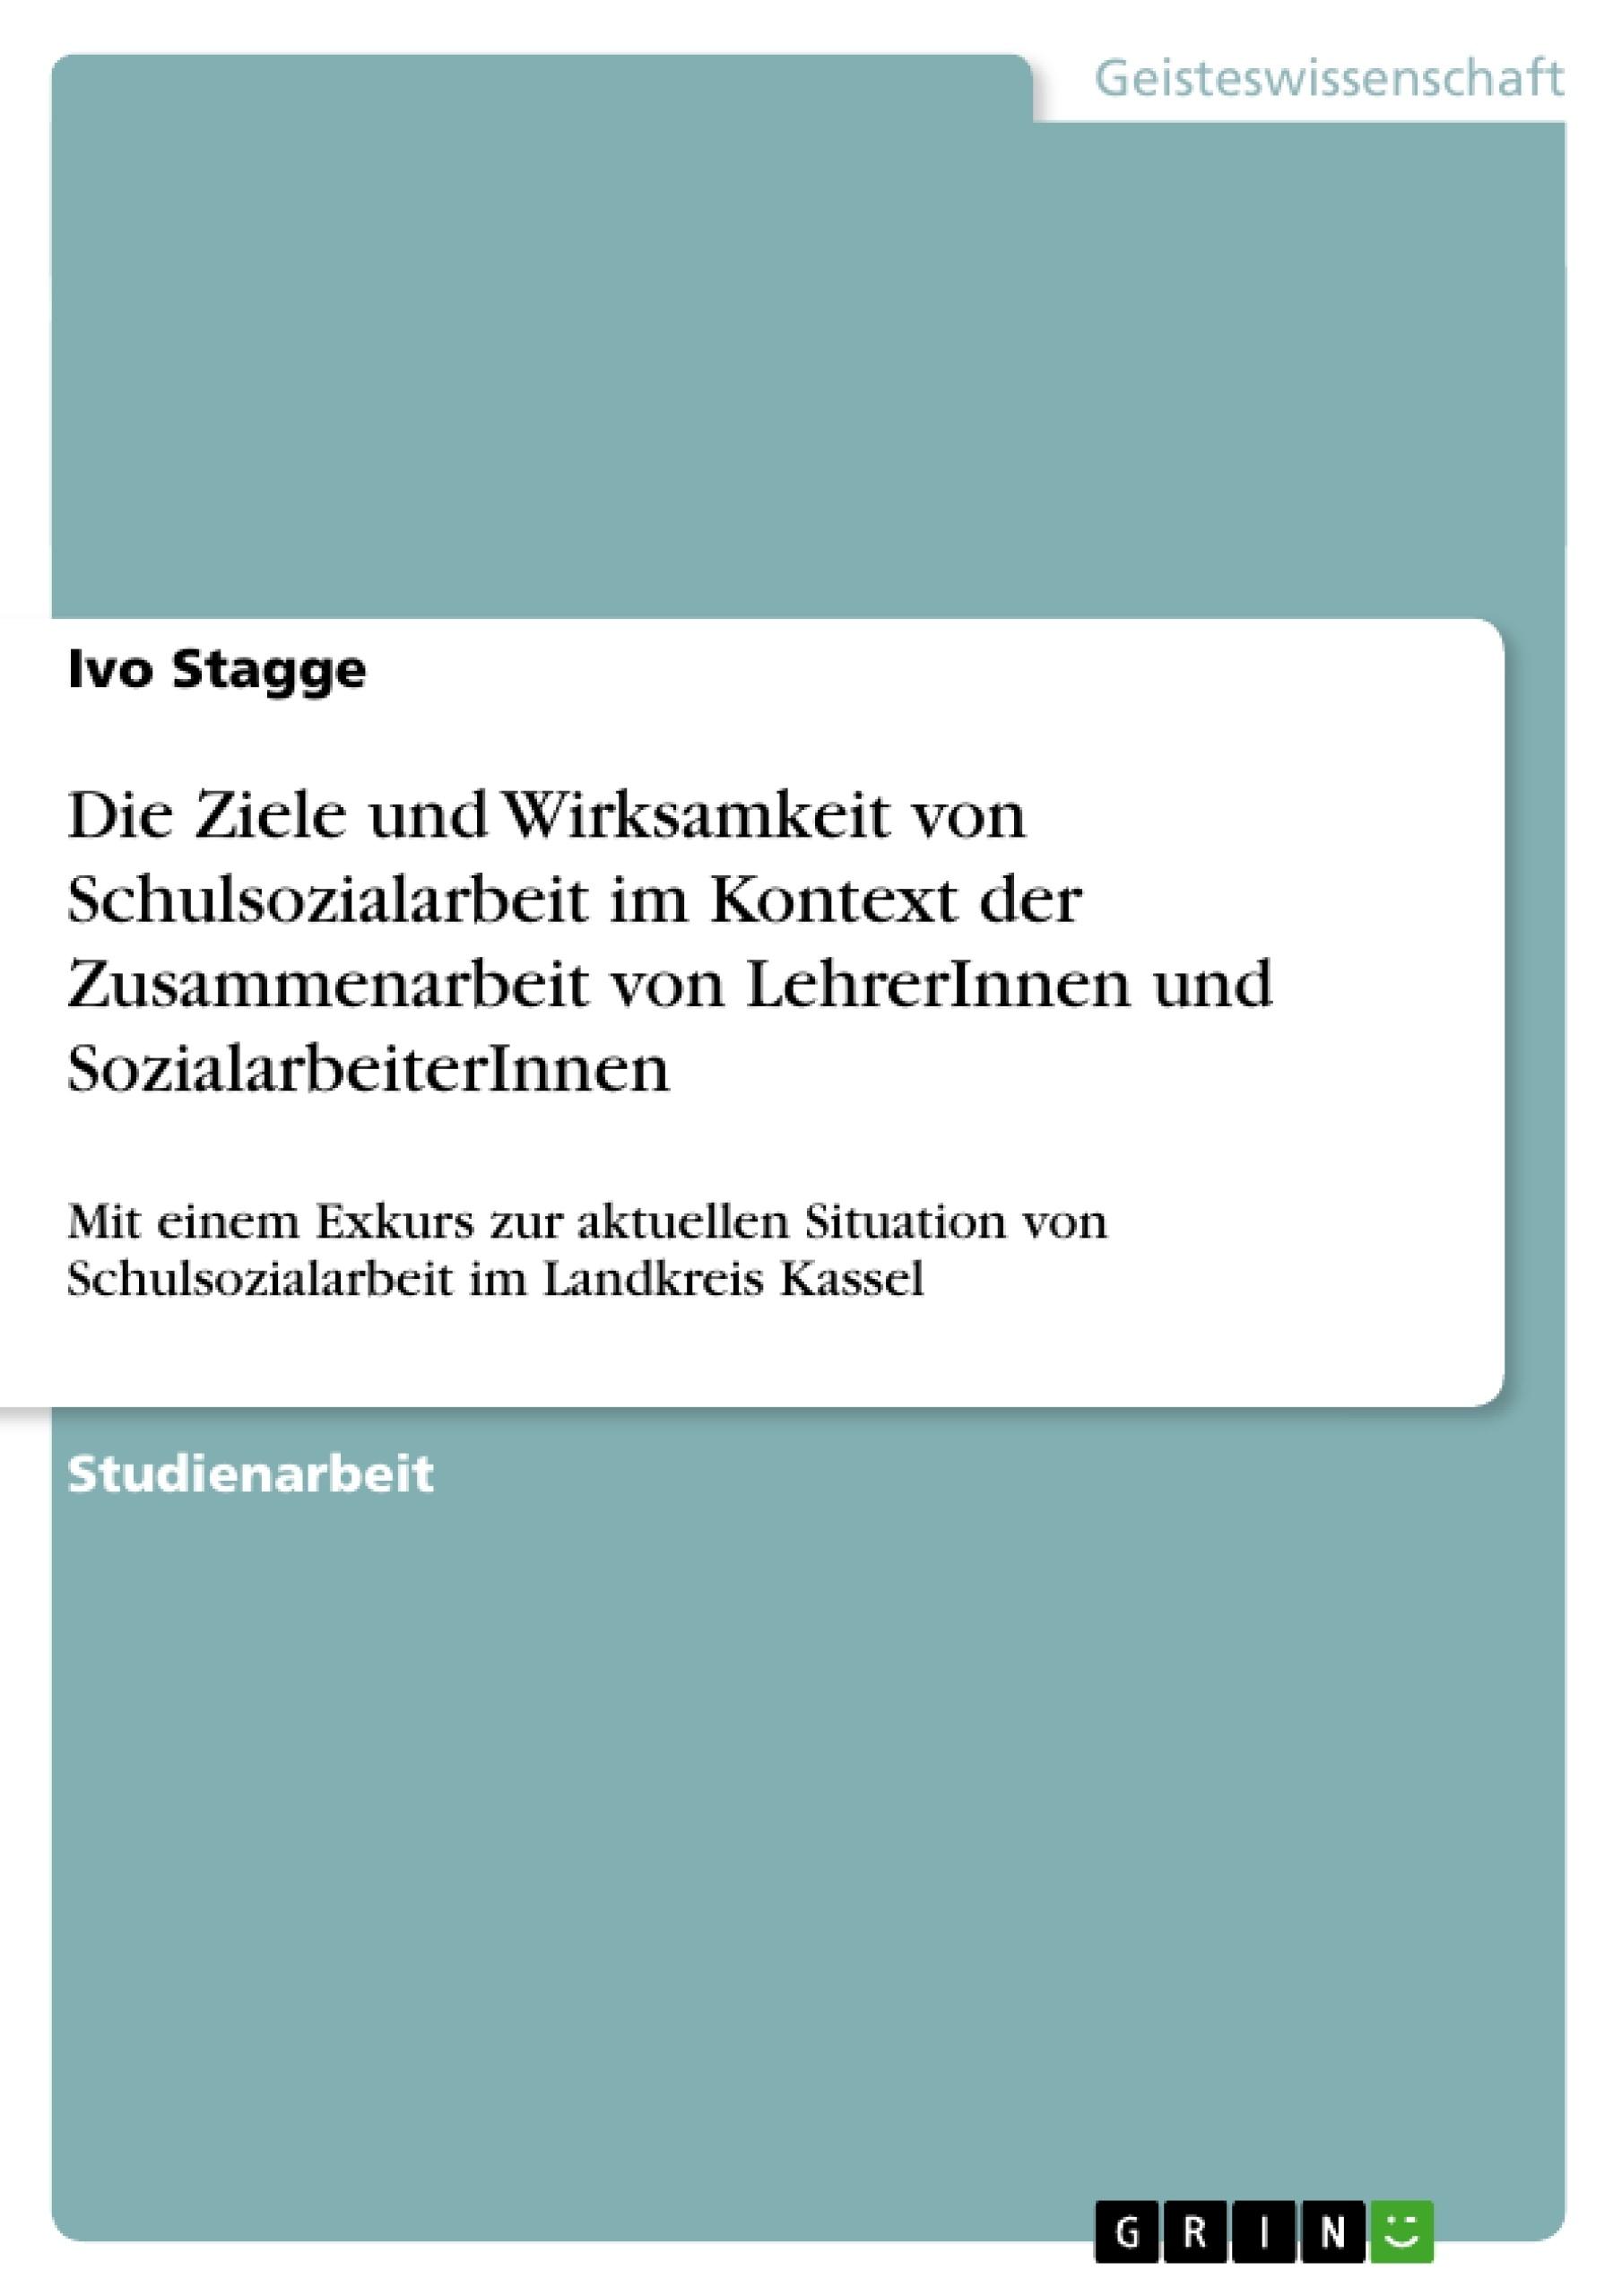 Titel: Die Ziele und Wirksamkeit von Schulsozialarbeit im Kontext der Zusammenarbeit von LehrerInnen und SozialarbeiterInnen